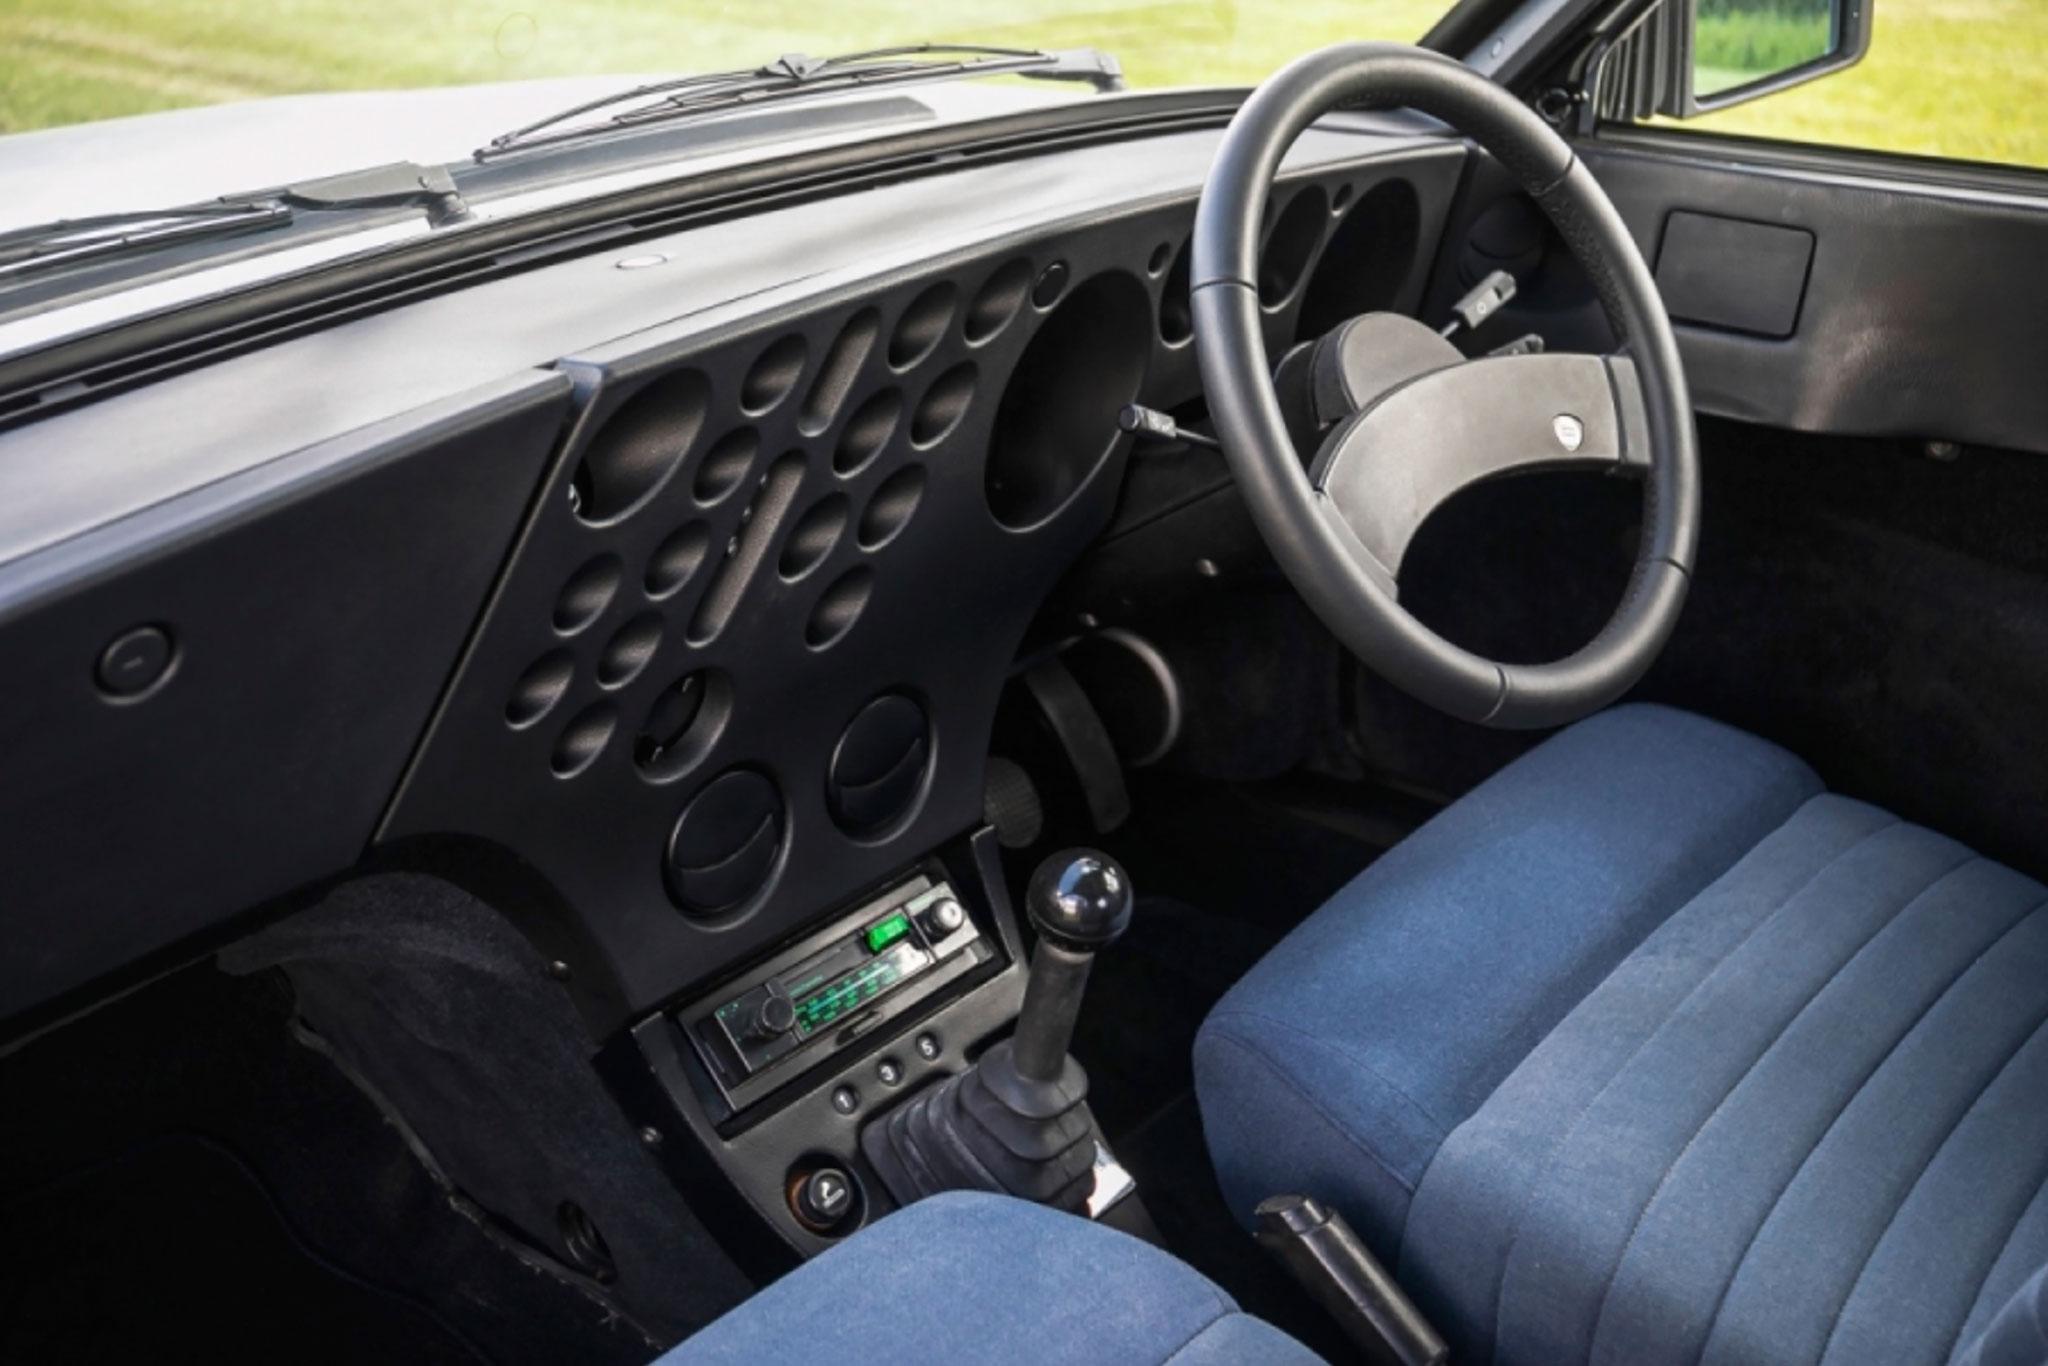 1981 Lancia Trevi Berline intérieur - CCA au London Classic Car Show 2021.